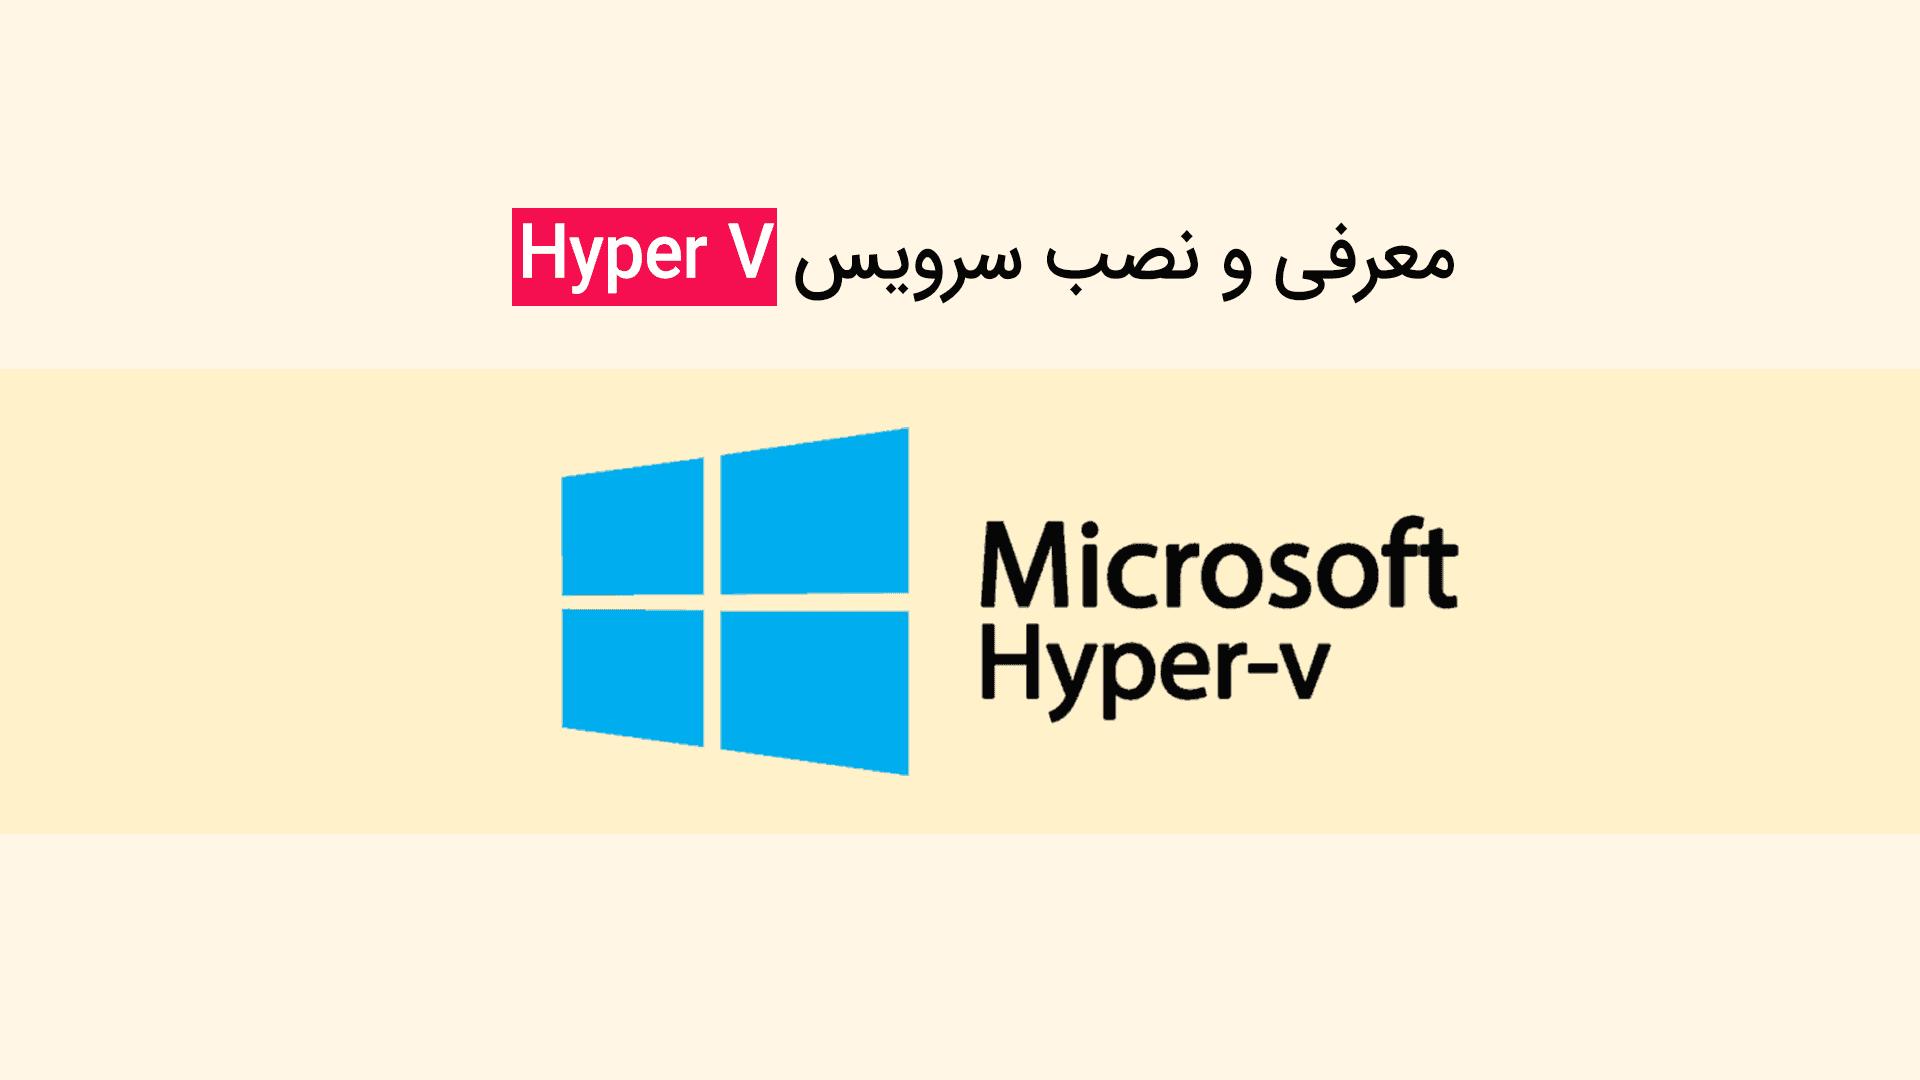 معرفی و نصب سرویس Hyper V